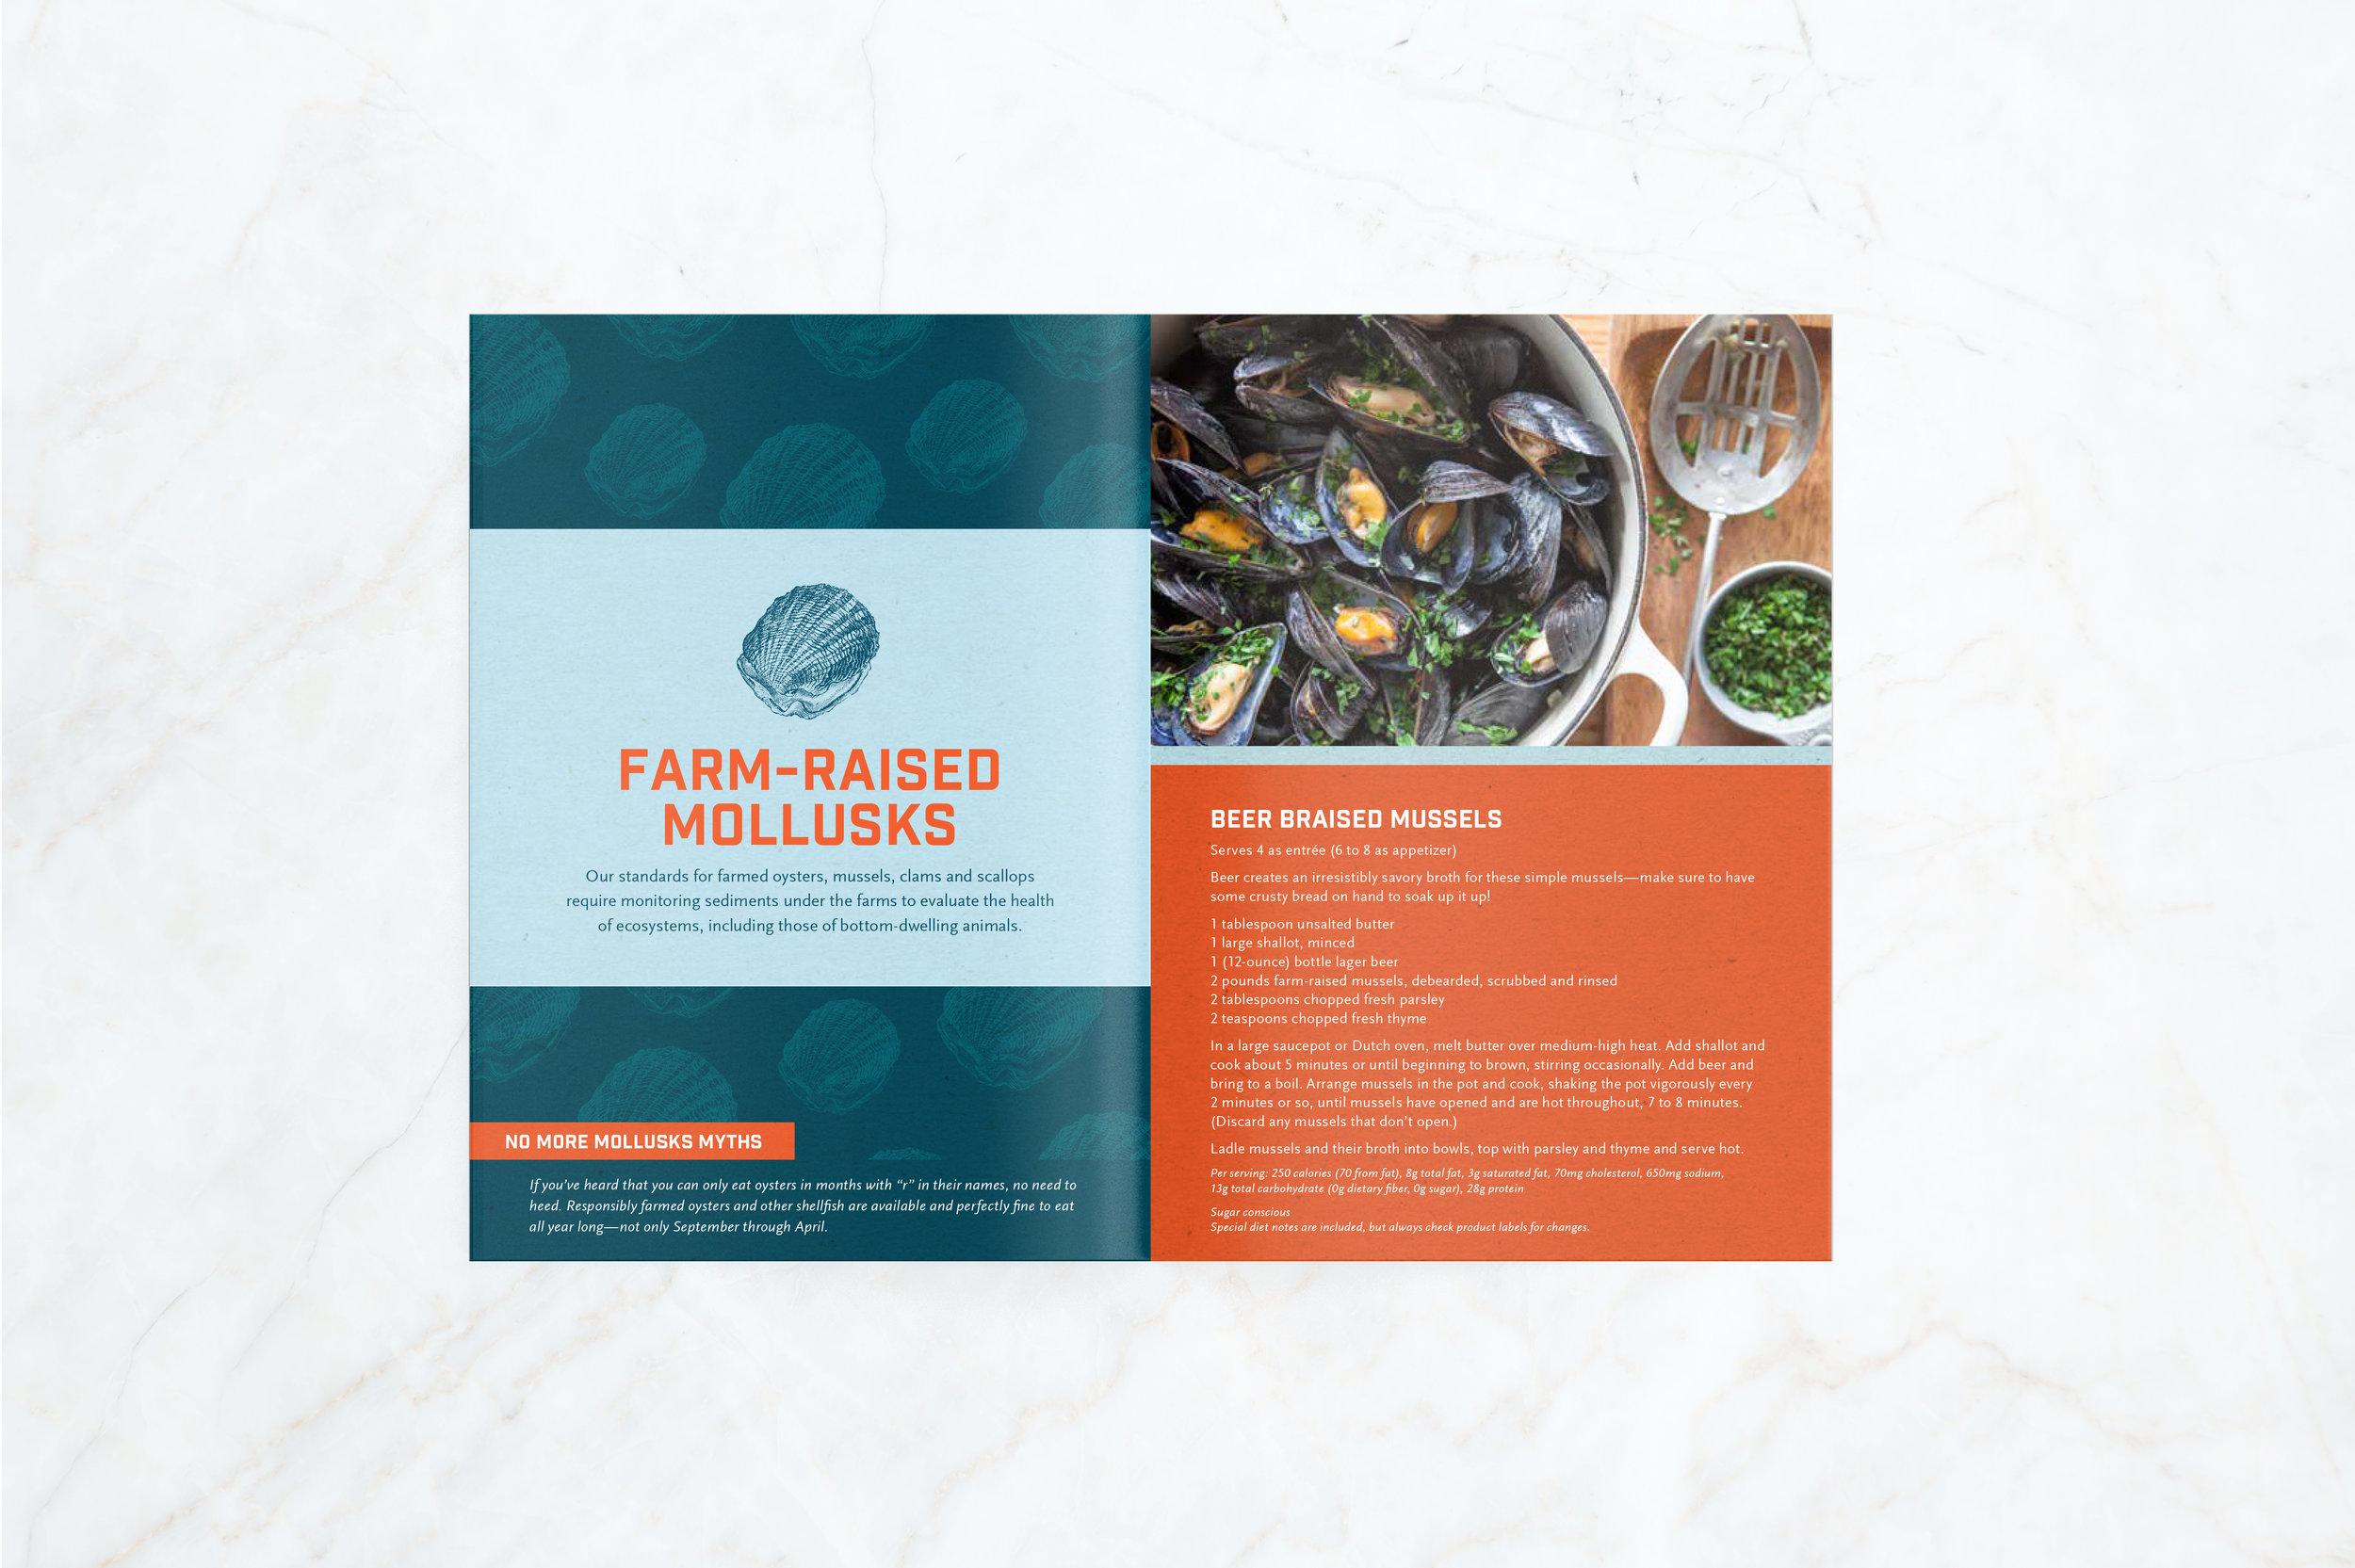 Responsibly-grown-seafood_brochure7.jpg